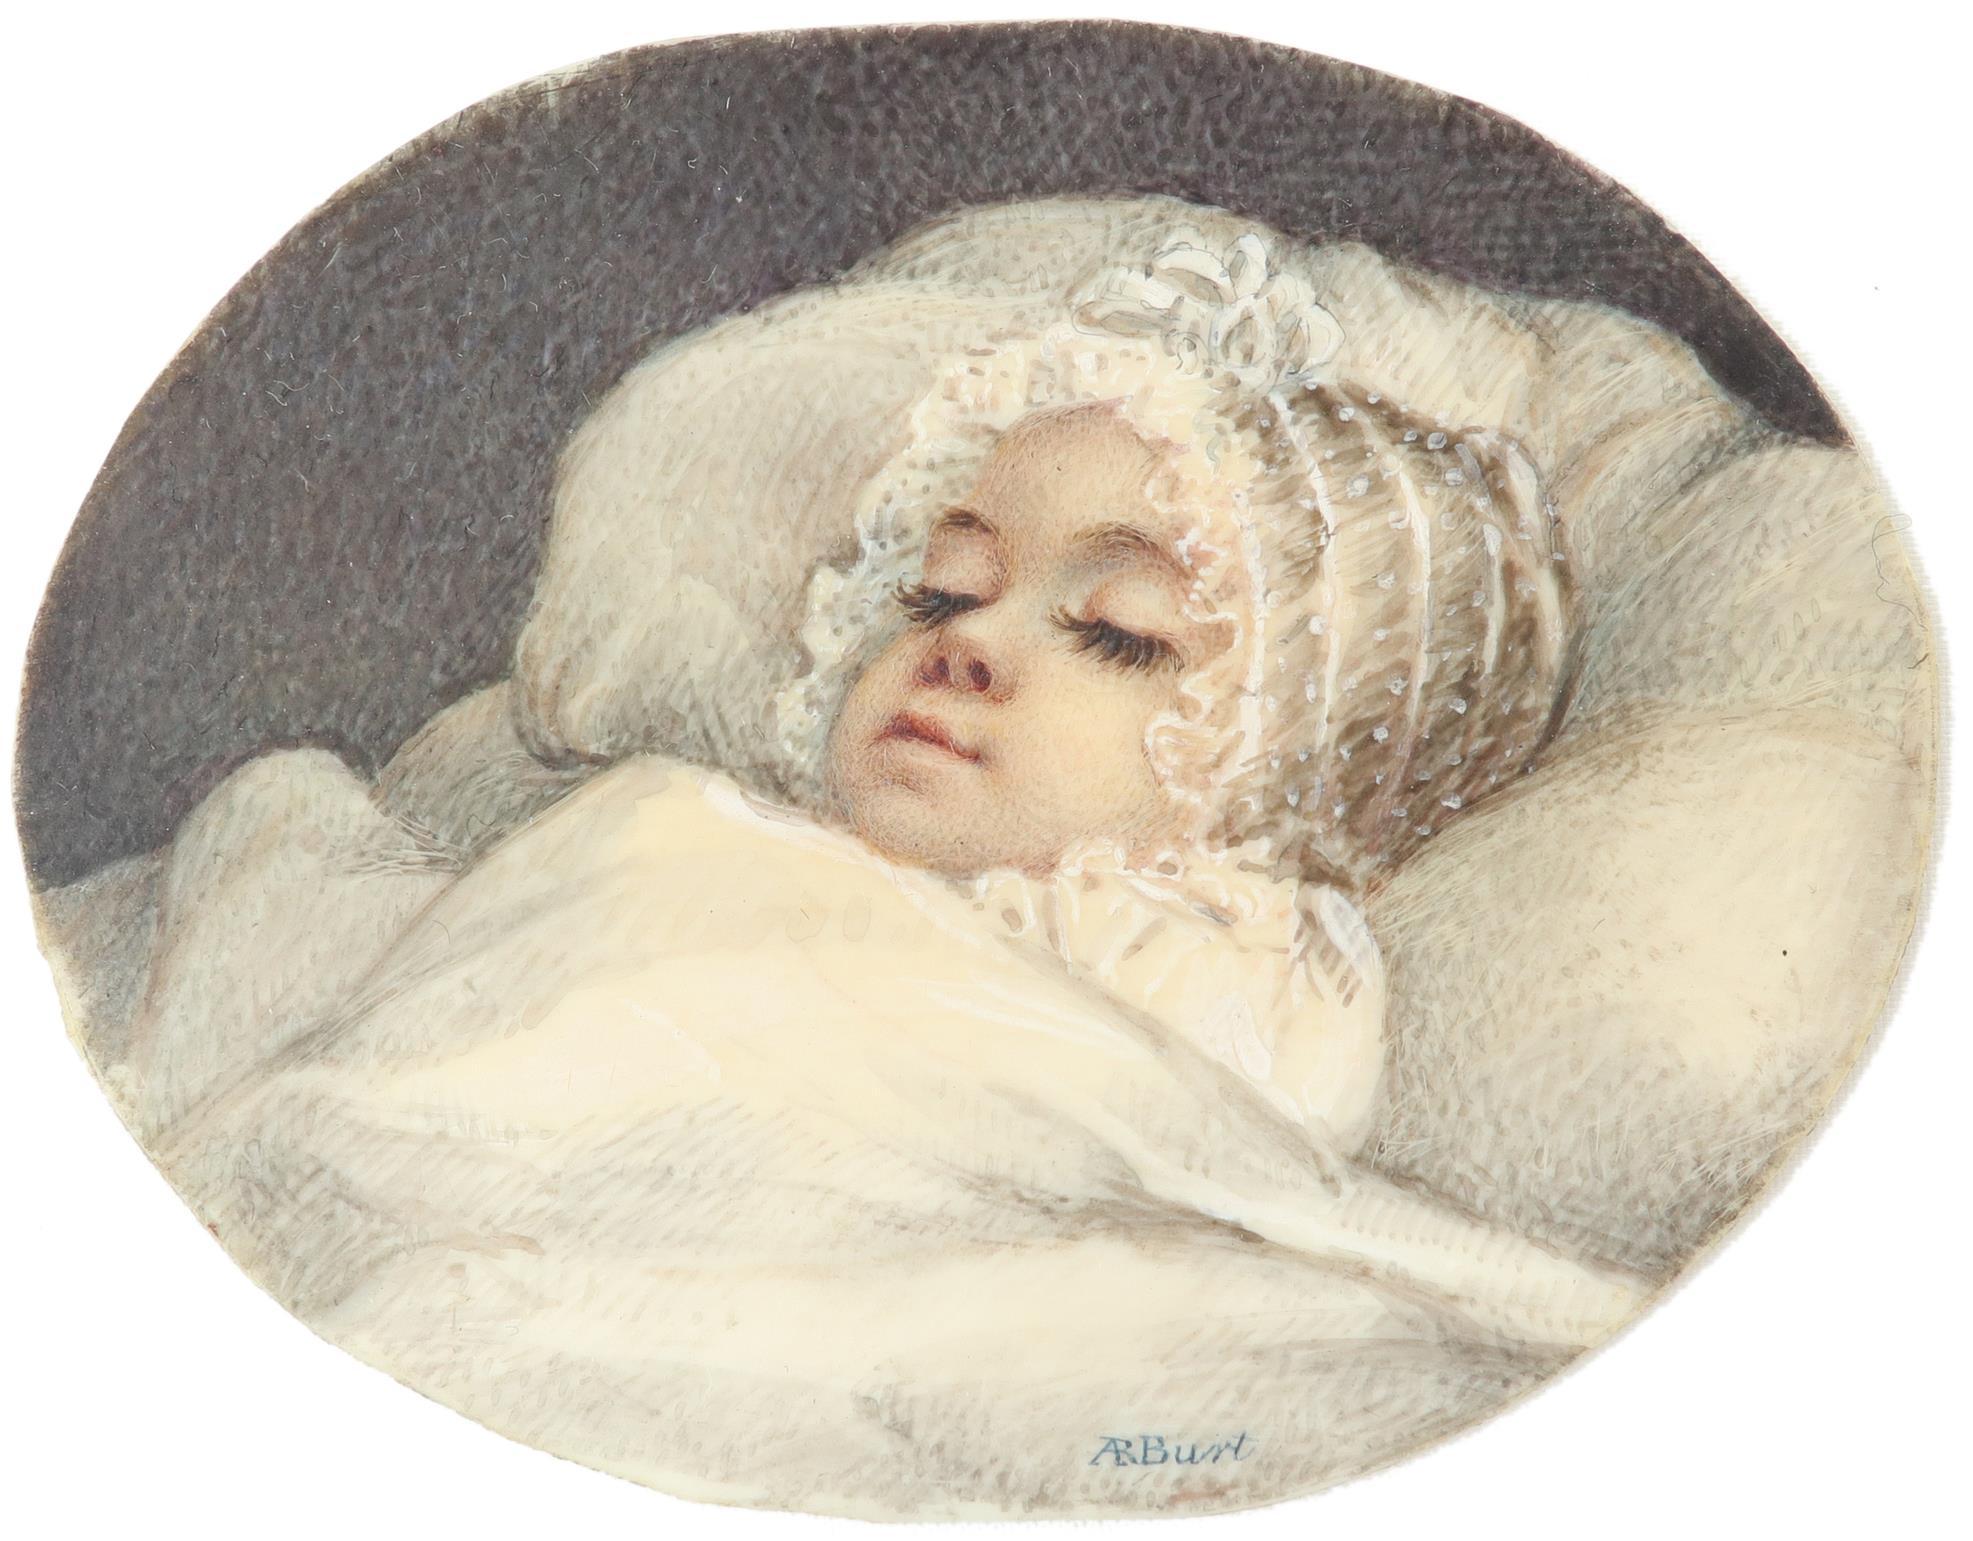 λAlbin Roberts Burt (1783-1842) Portrait of a sleeping baby Signed AR Burt (lower centre), and - Image 2 of 4